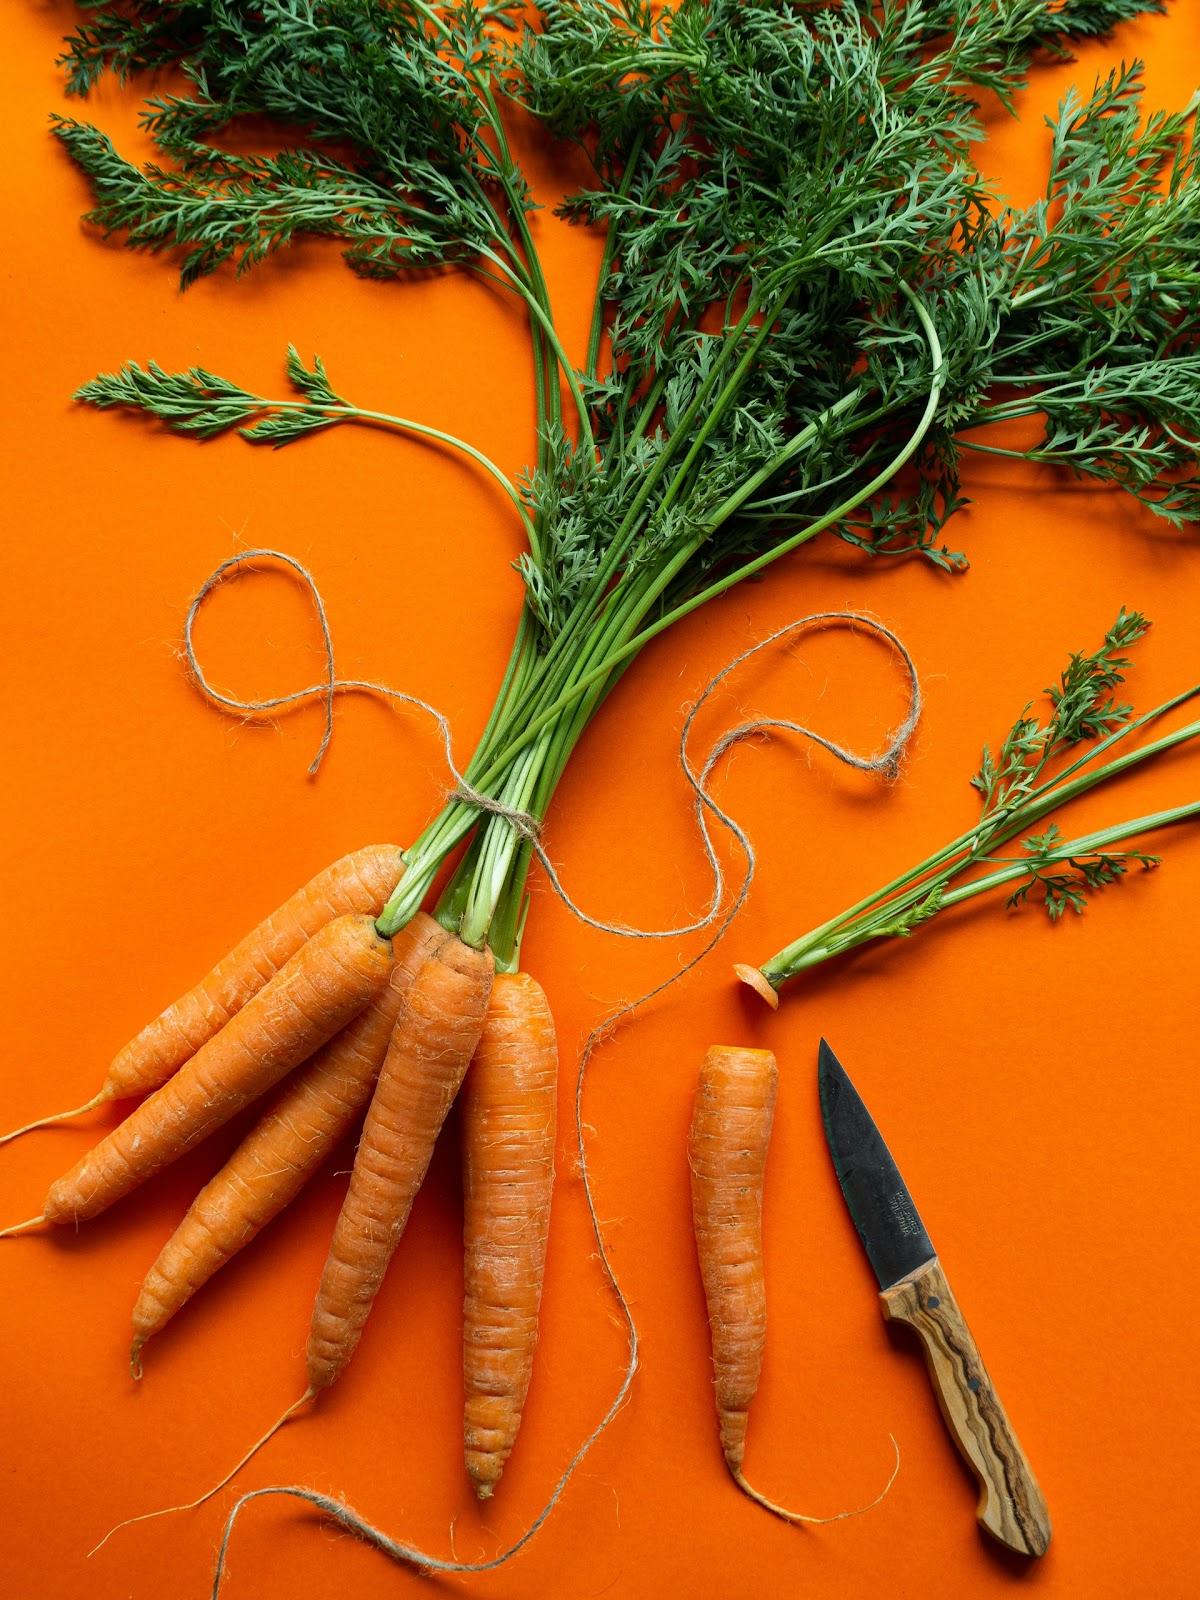 Wann sind Karotten schlecht?